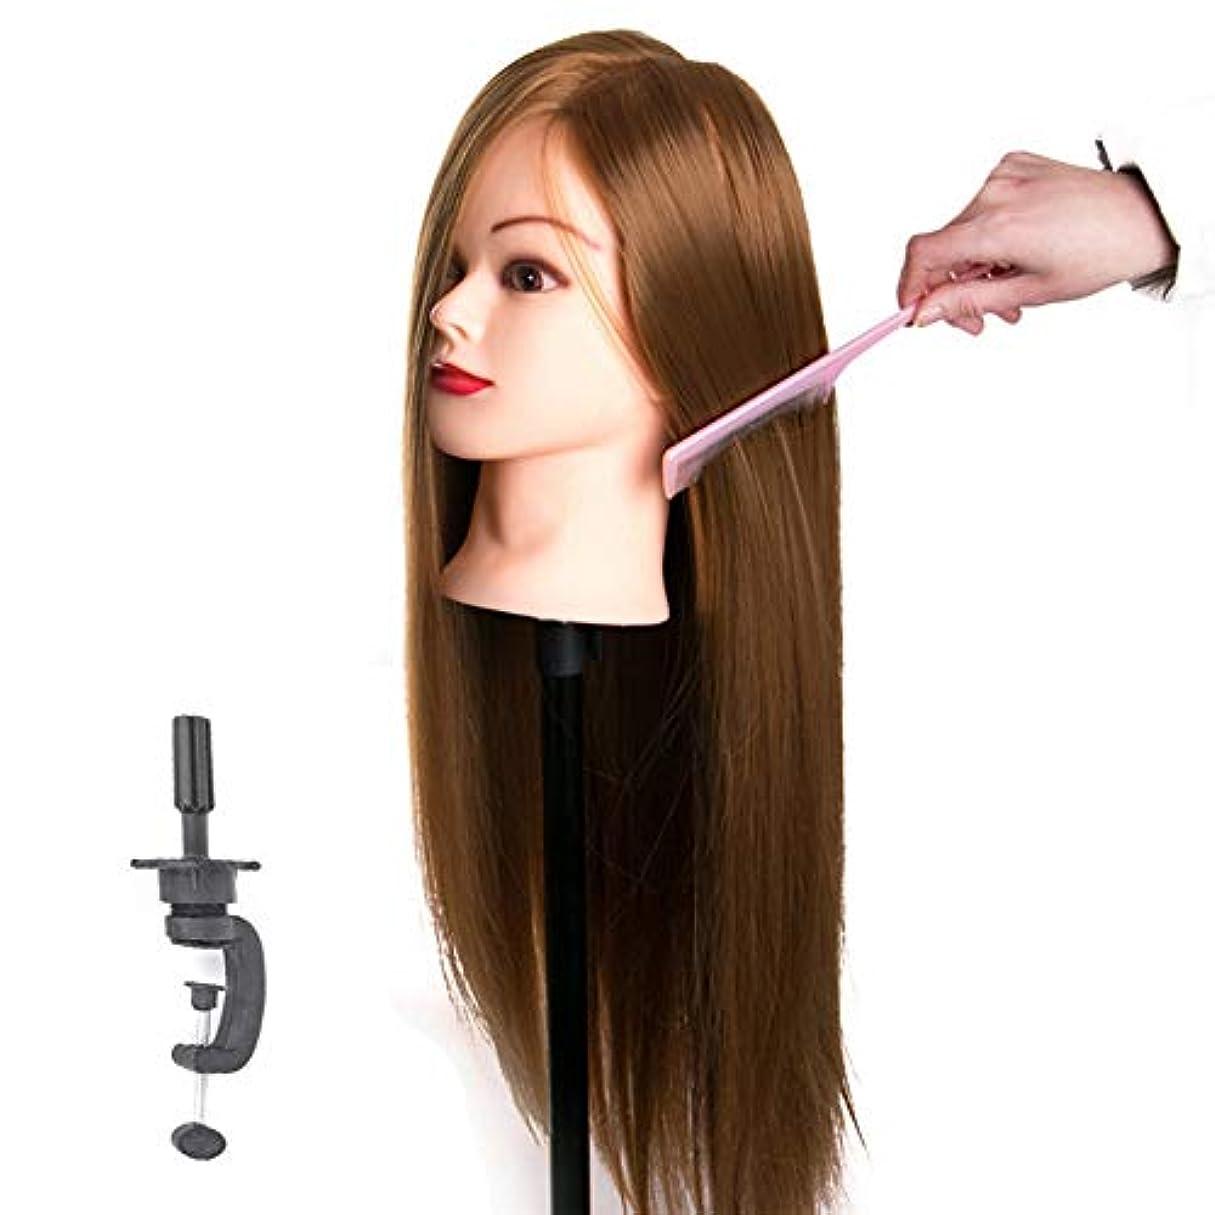 減る哀放出トレーニングヘッド美容師マネキンヘッド合成繊維美容マネキン、無料テーブルクランプスタンド付き、ブラウン